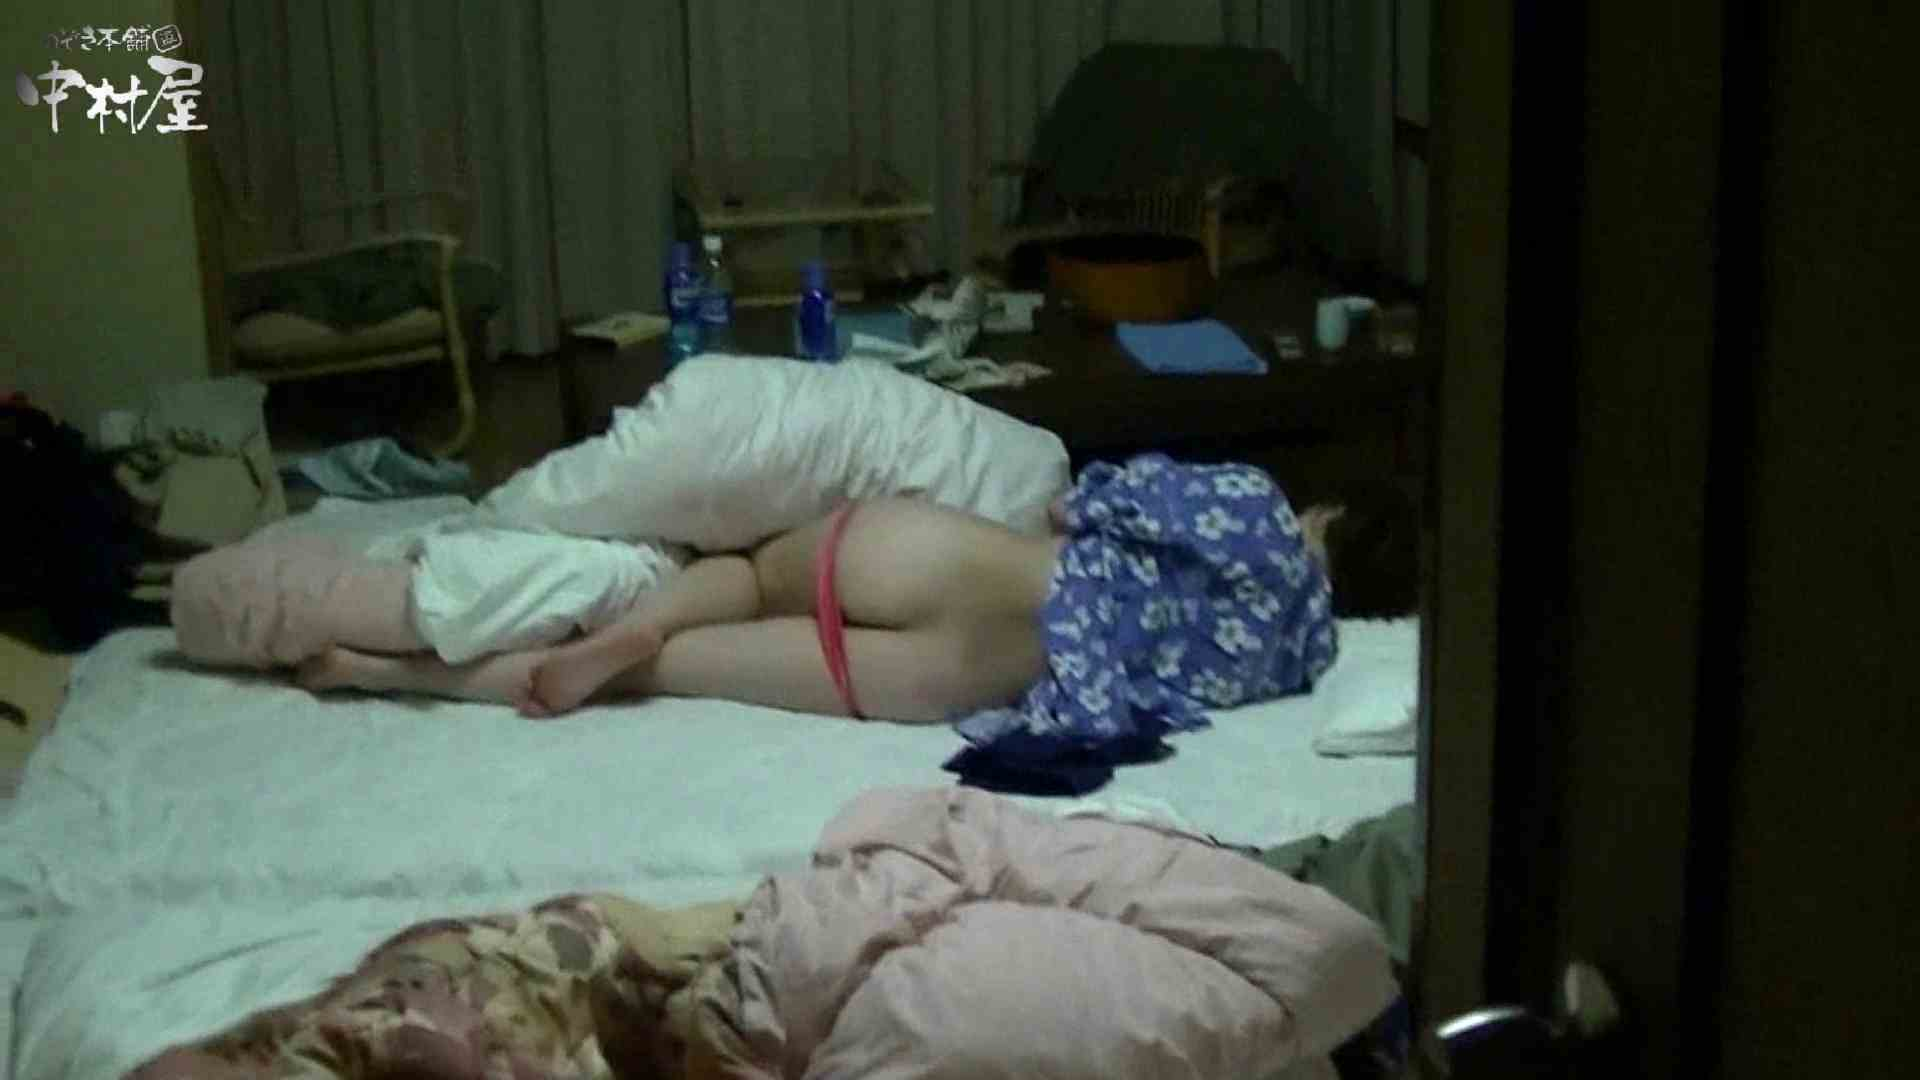 ネムリ姫 vol.38 後編 Hな女子大生 盗撮画像 105pic 19